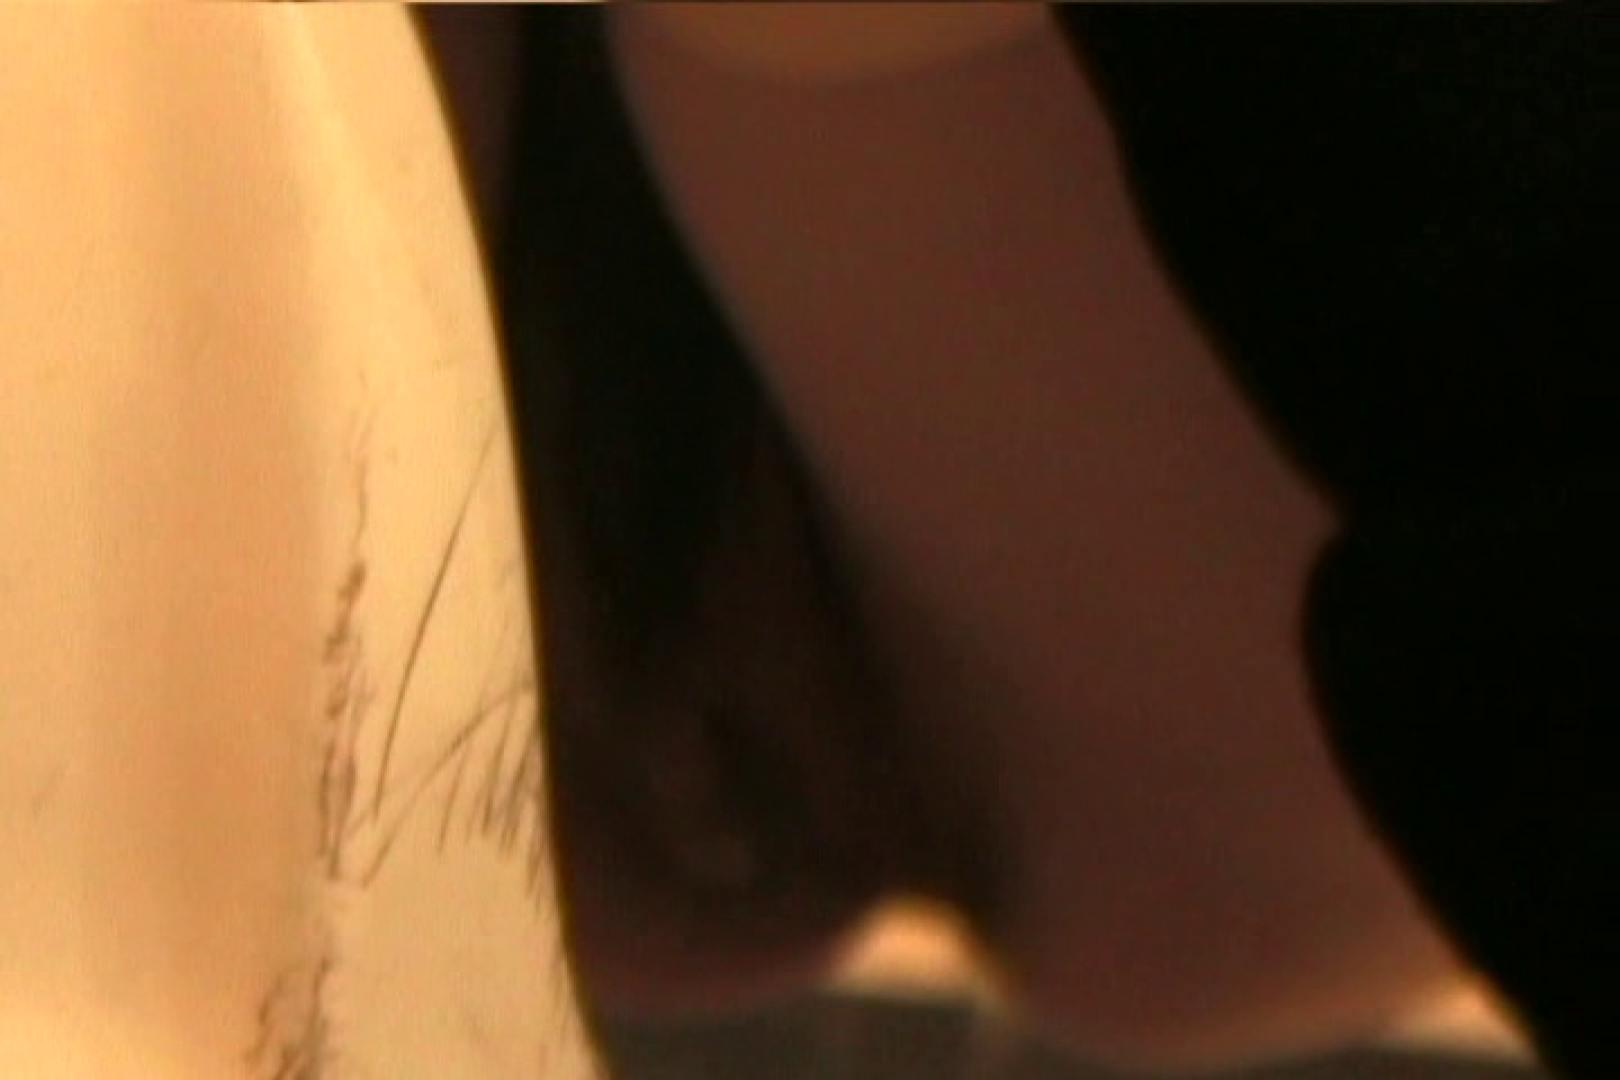 マンコ丸見え女子洗面所Vol.37 マンコ・ムレムレ 盗み撮り動画キャプチャ 87pic 10